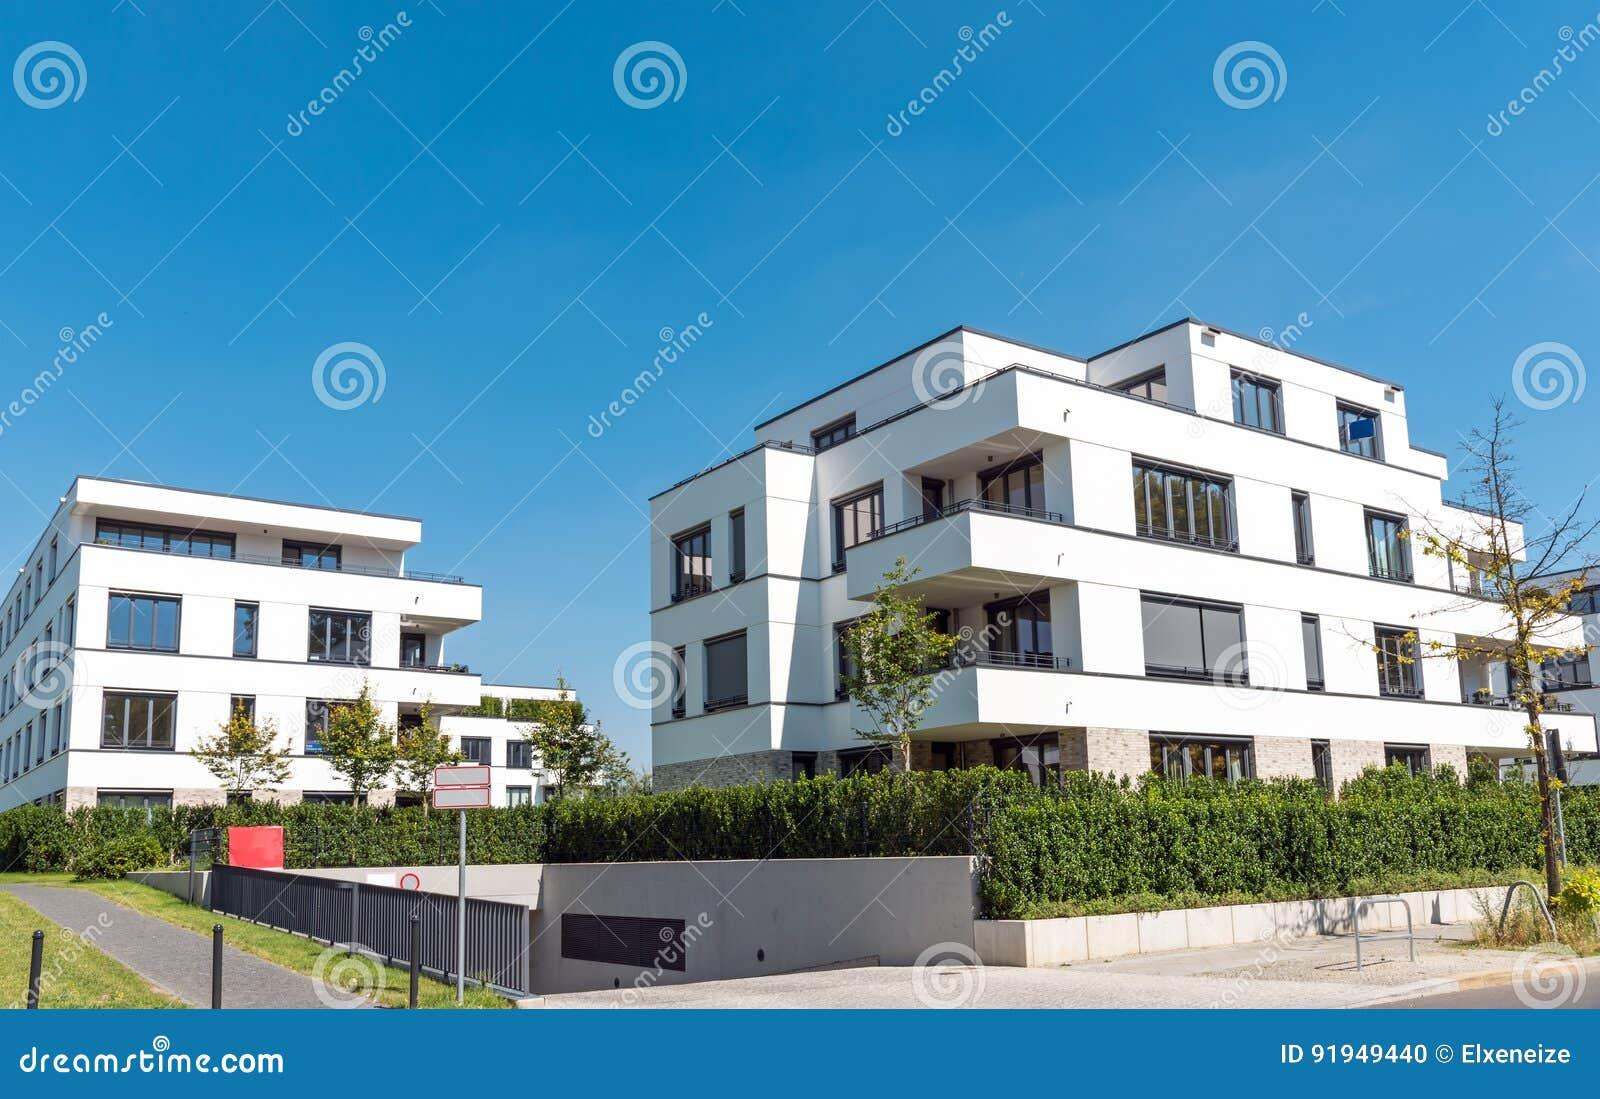 Casas blancas modernas fachadas de casas con rejas for Casas blancas modernas